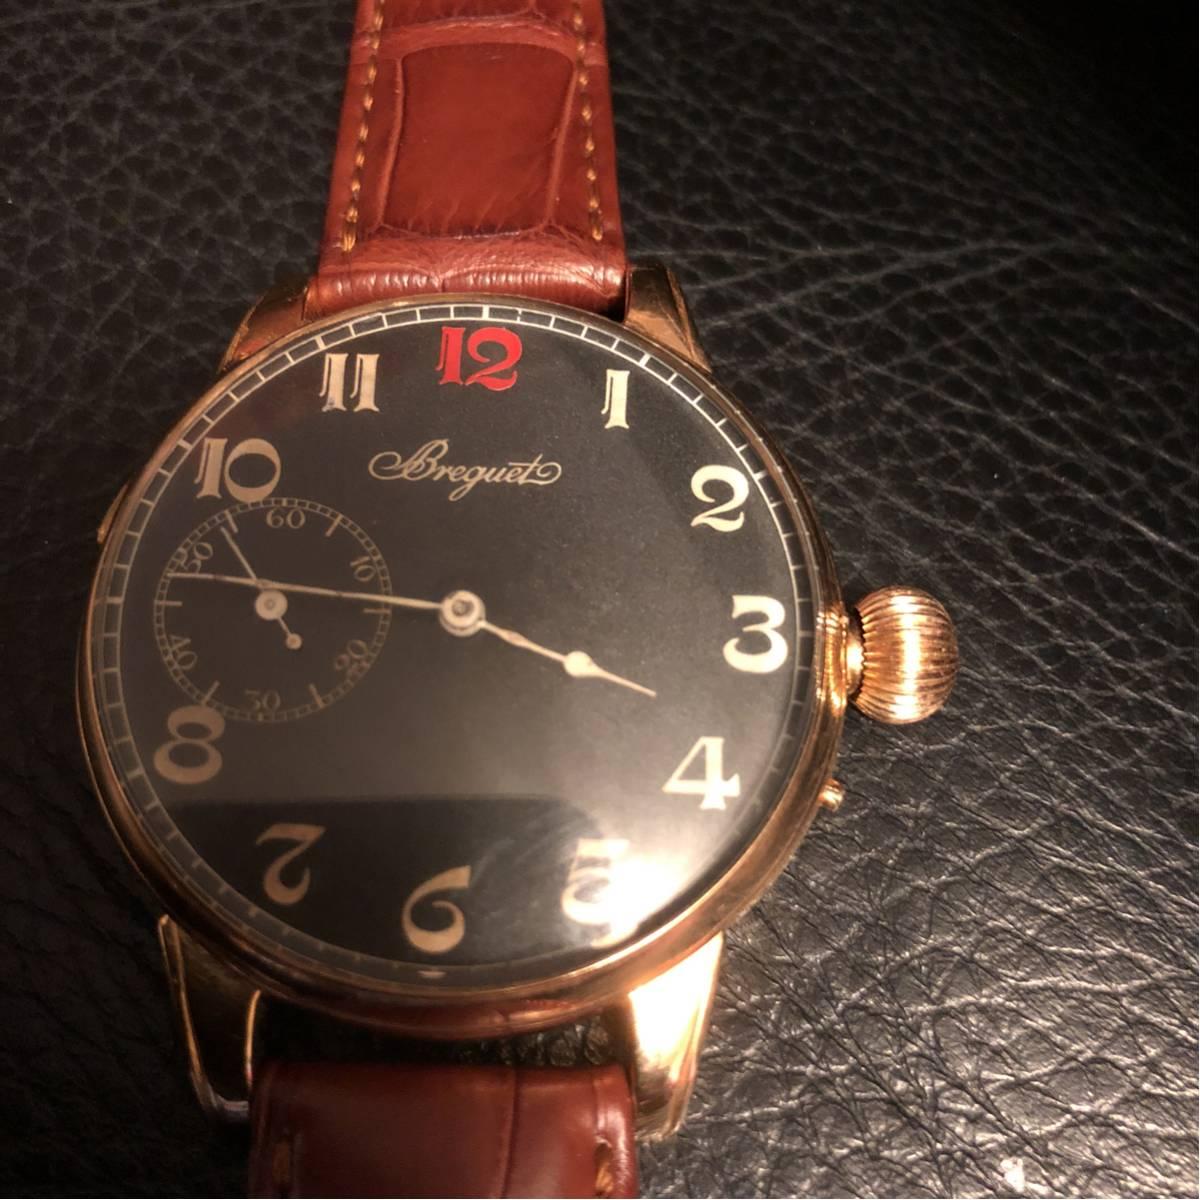 ブレゲアンティークフルオリジナル、1930年代、ブレゲにて、コンプリートオーバホール済み。18金GOLD